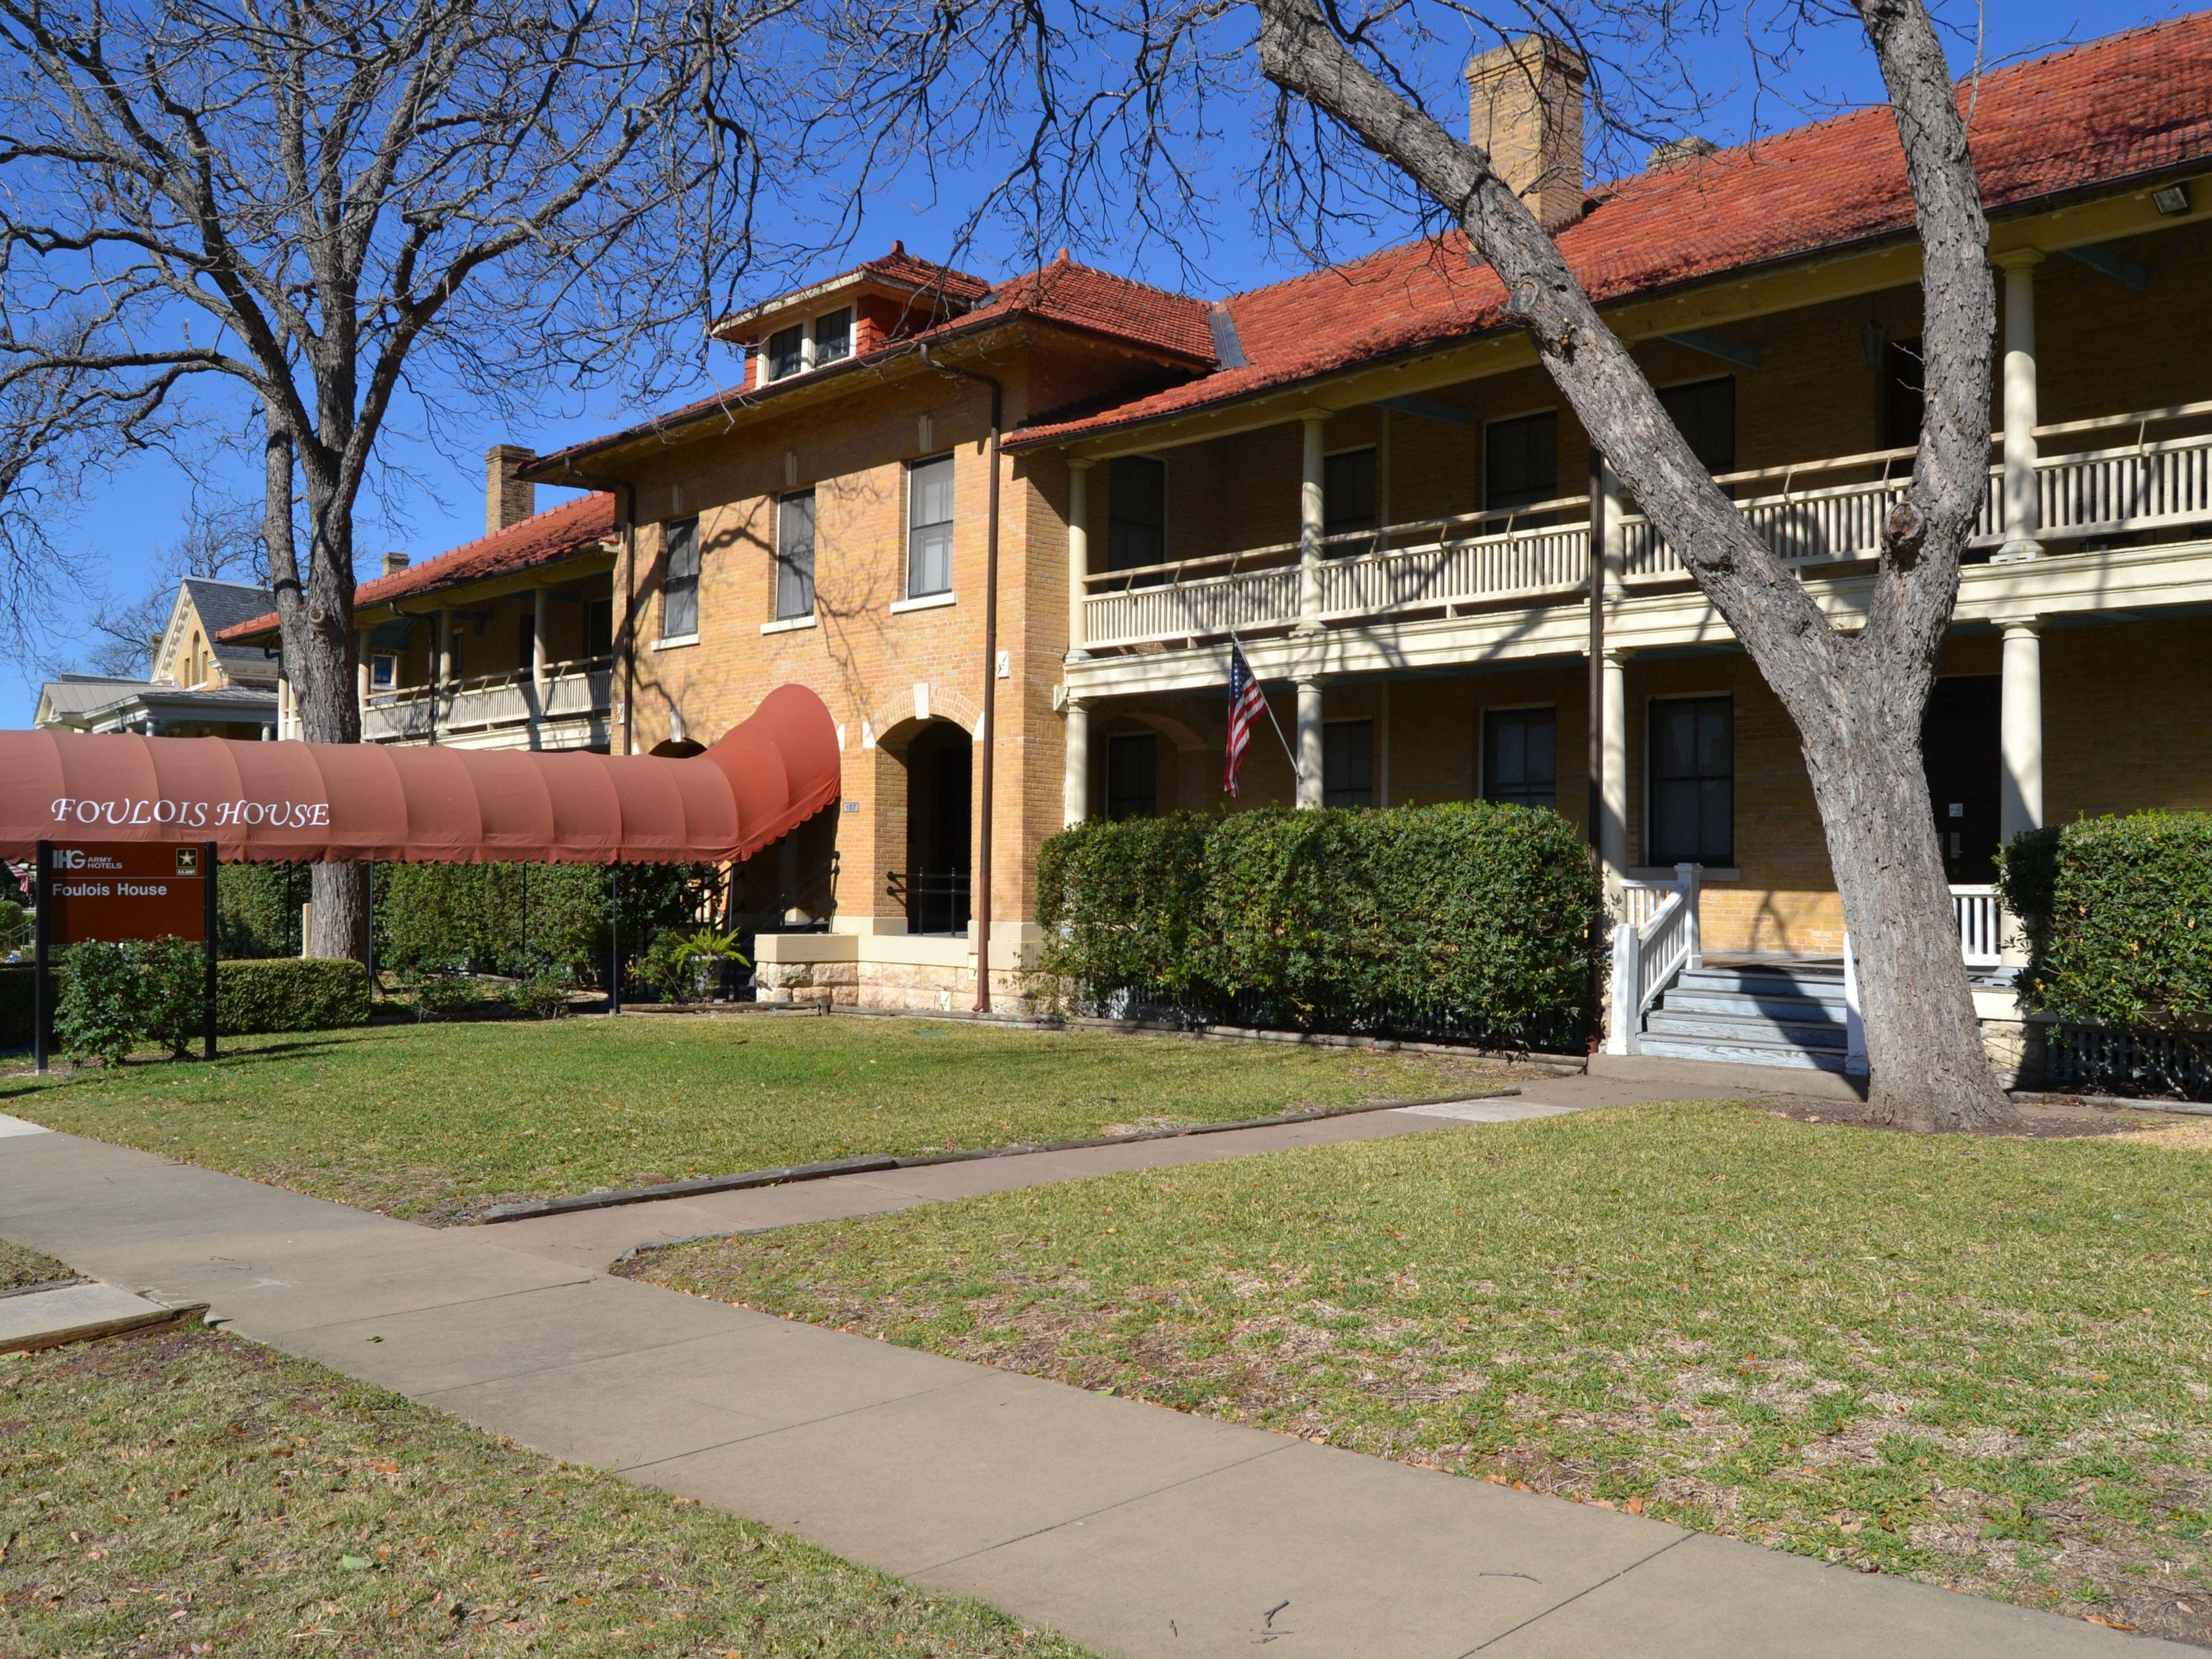 IHG Army Hotels Sam Houston House U0026 Foulois Houses On Joint Base San Antonio